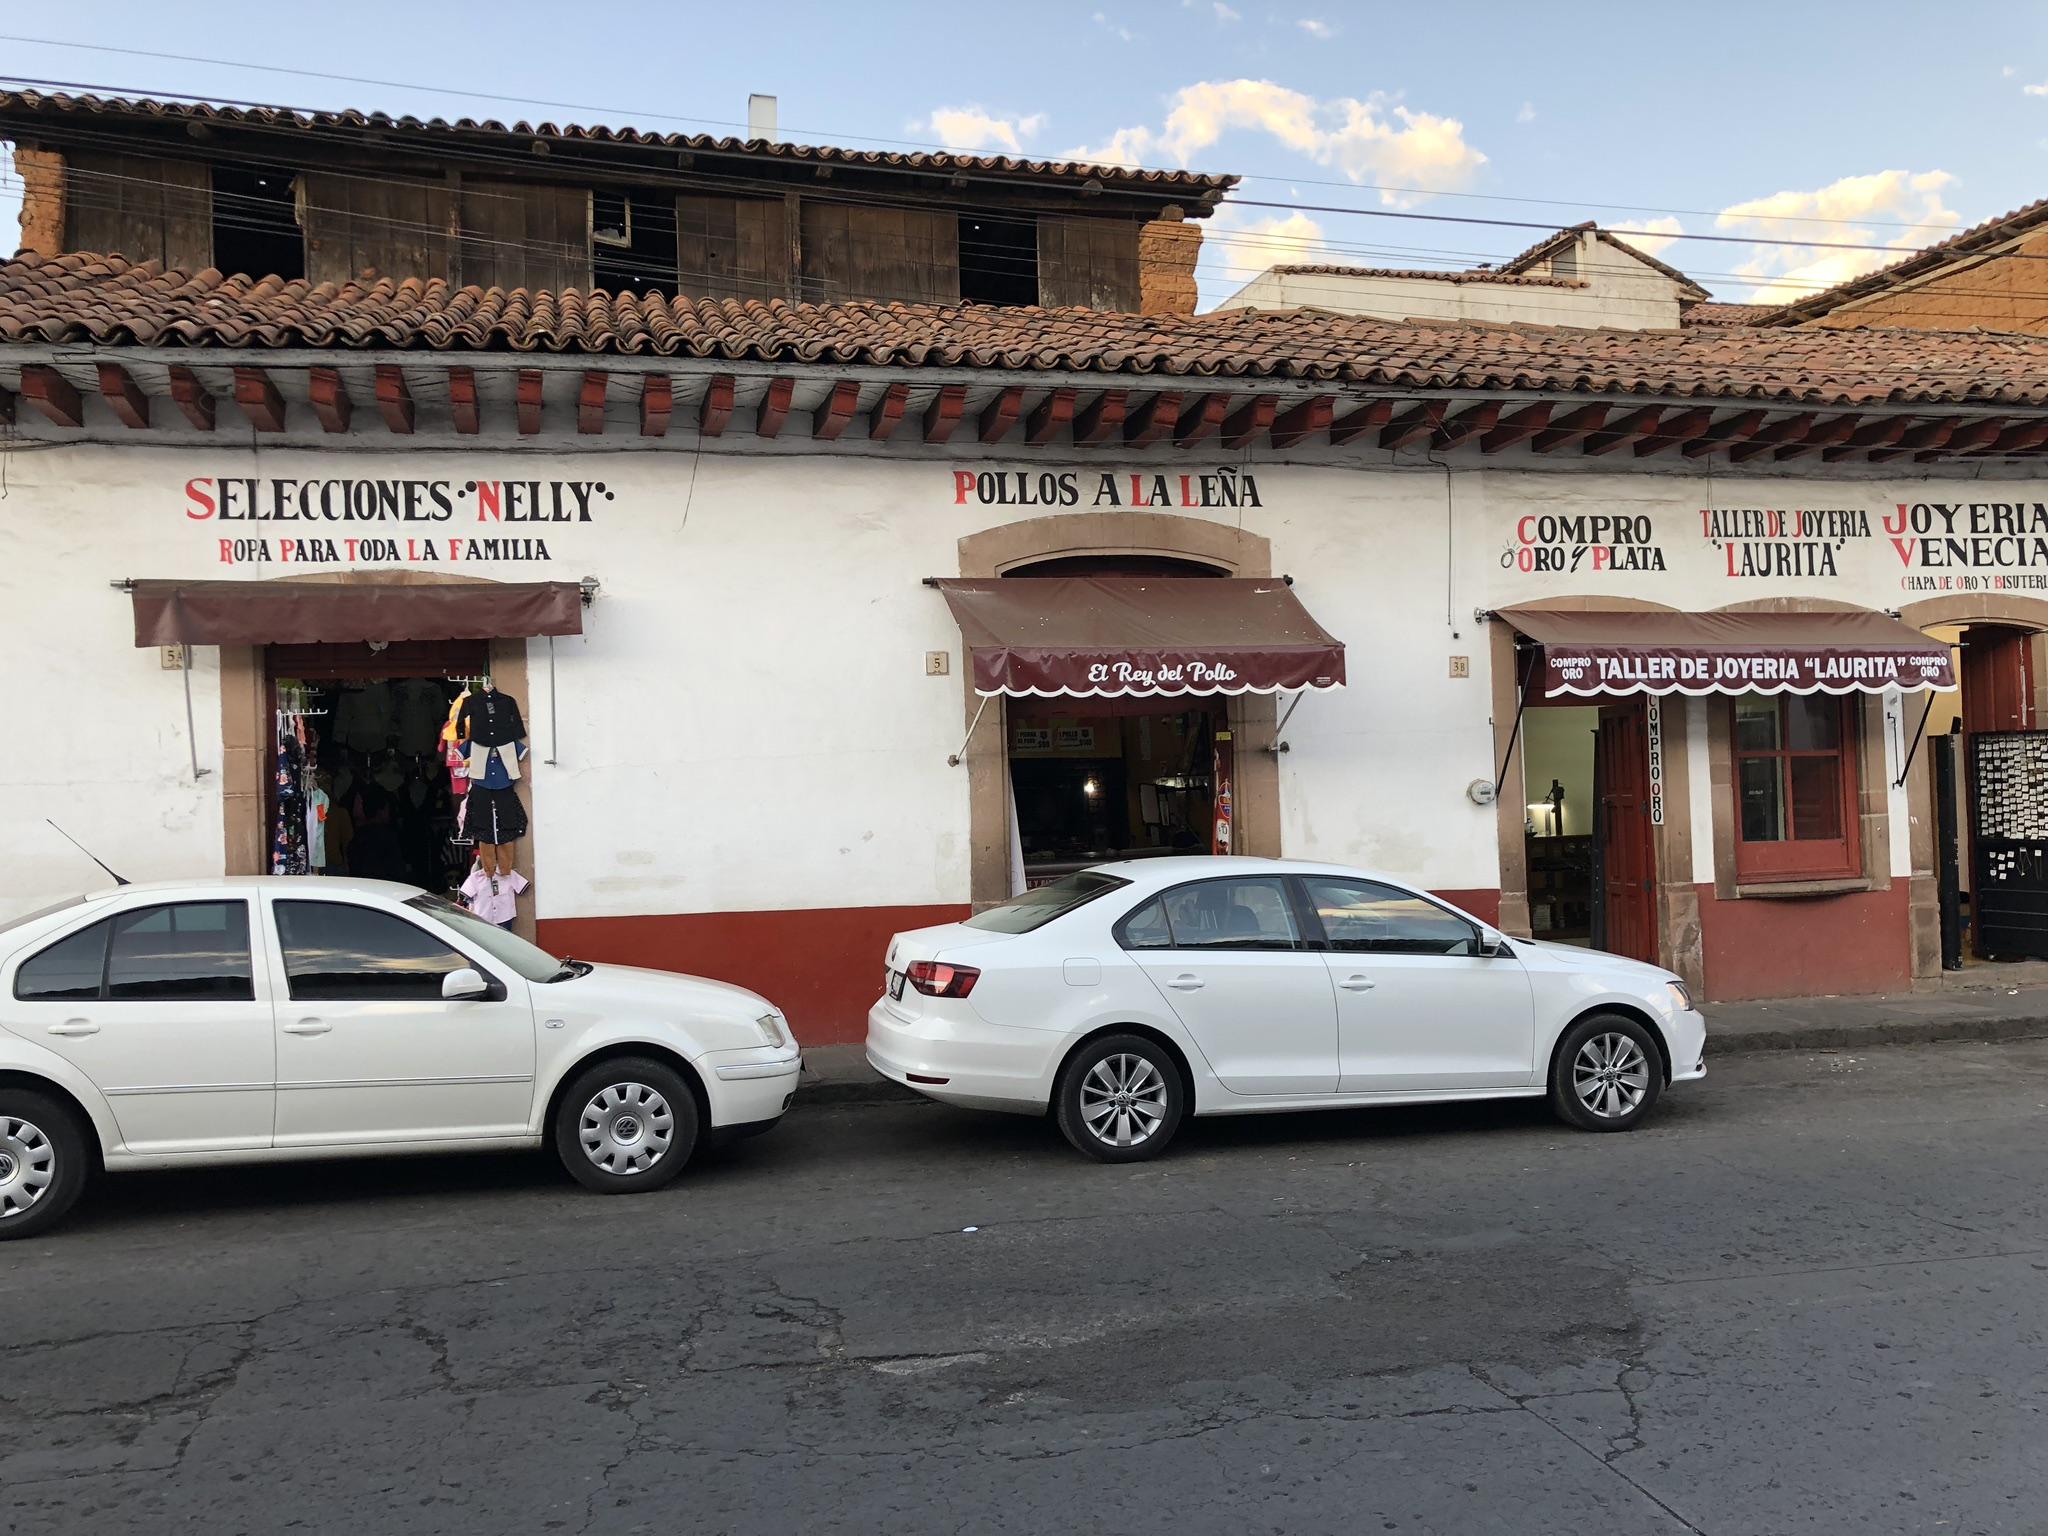 Pátzcuaro, Morelia, Monarch Falter, Villa Victoria